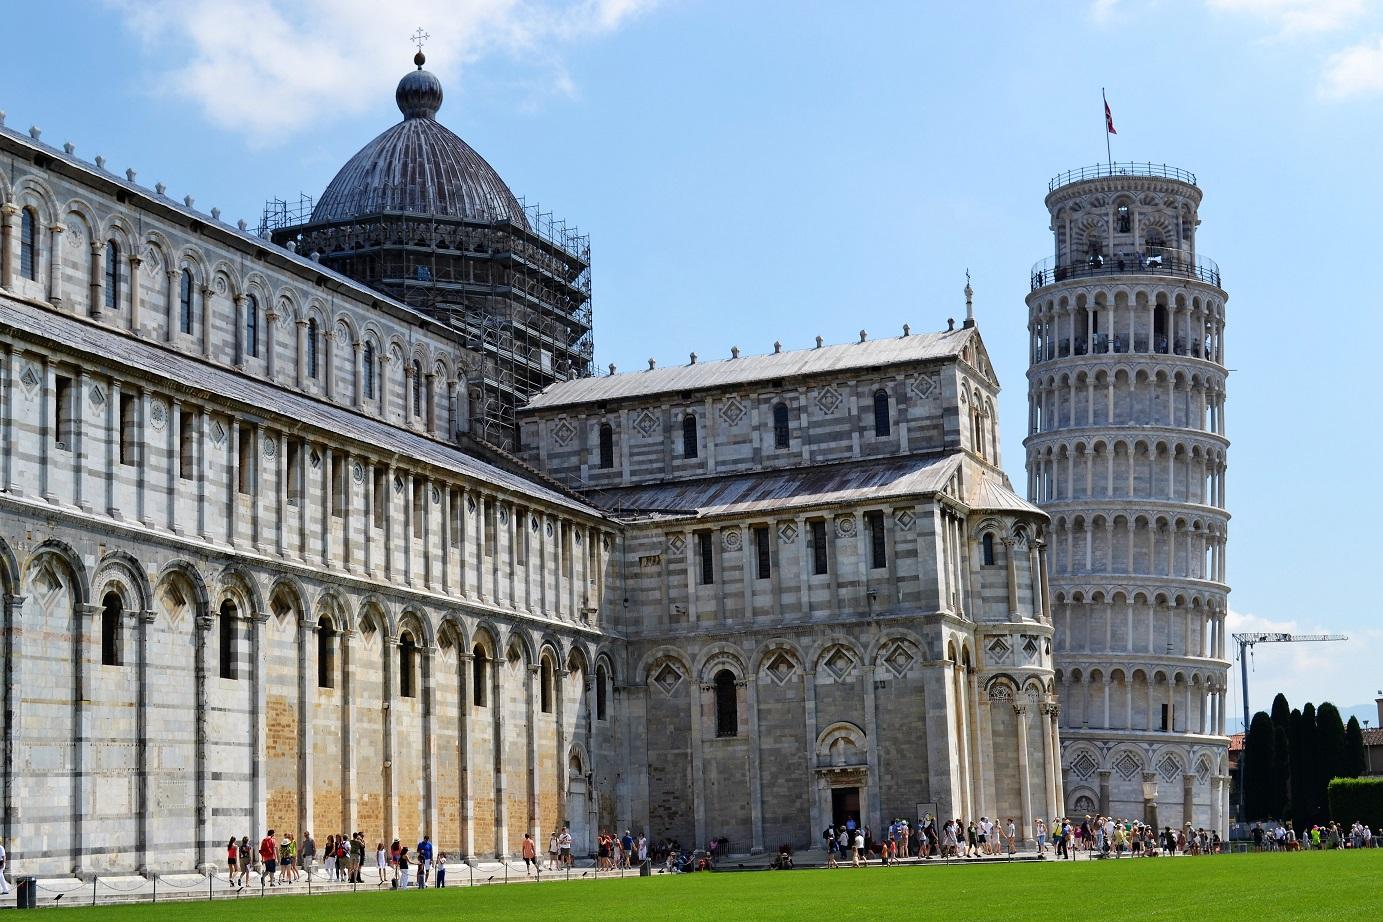 Een overzicht van de kathedraal met de vrijstaande klokkentoren van Pisa.